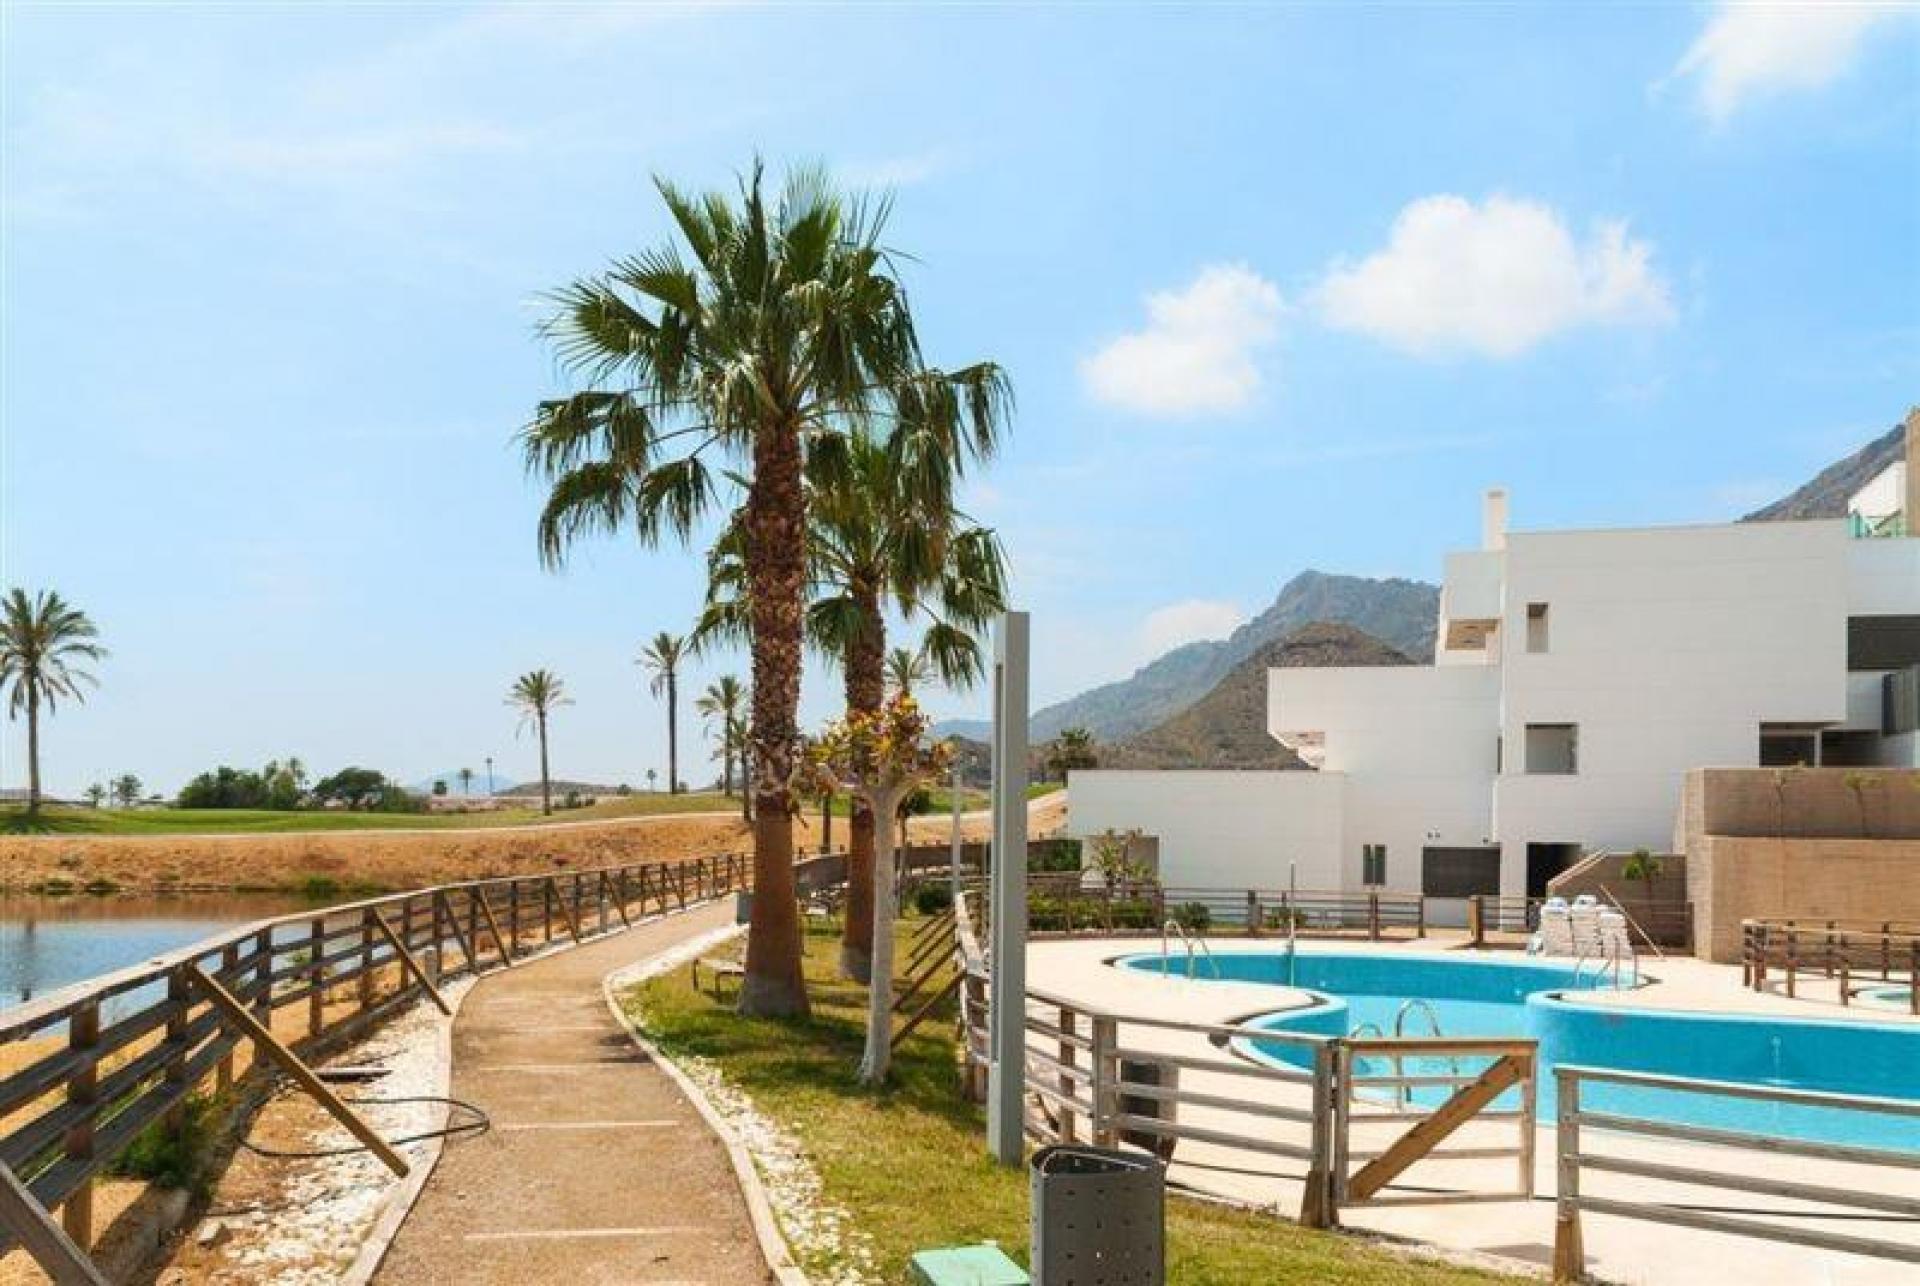 3 Slaapkamer Appartement met terras in San Juan de los Terreros - Nieuwbouw in Medvilla Spanje